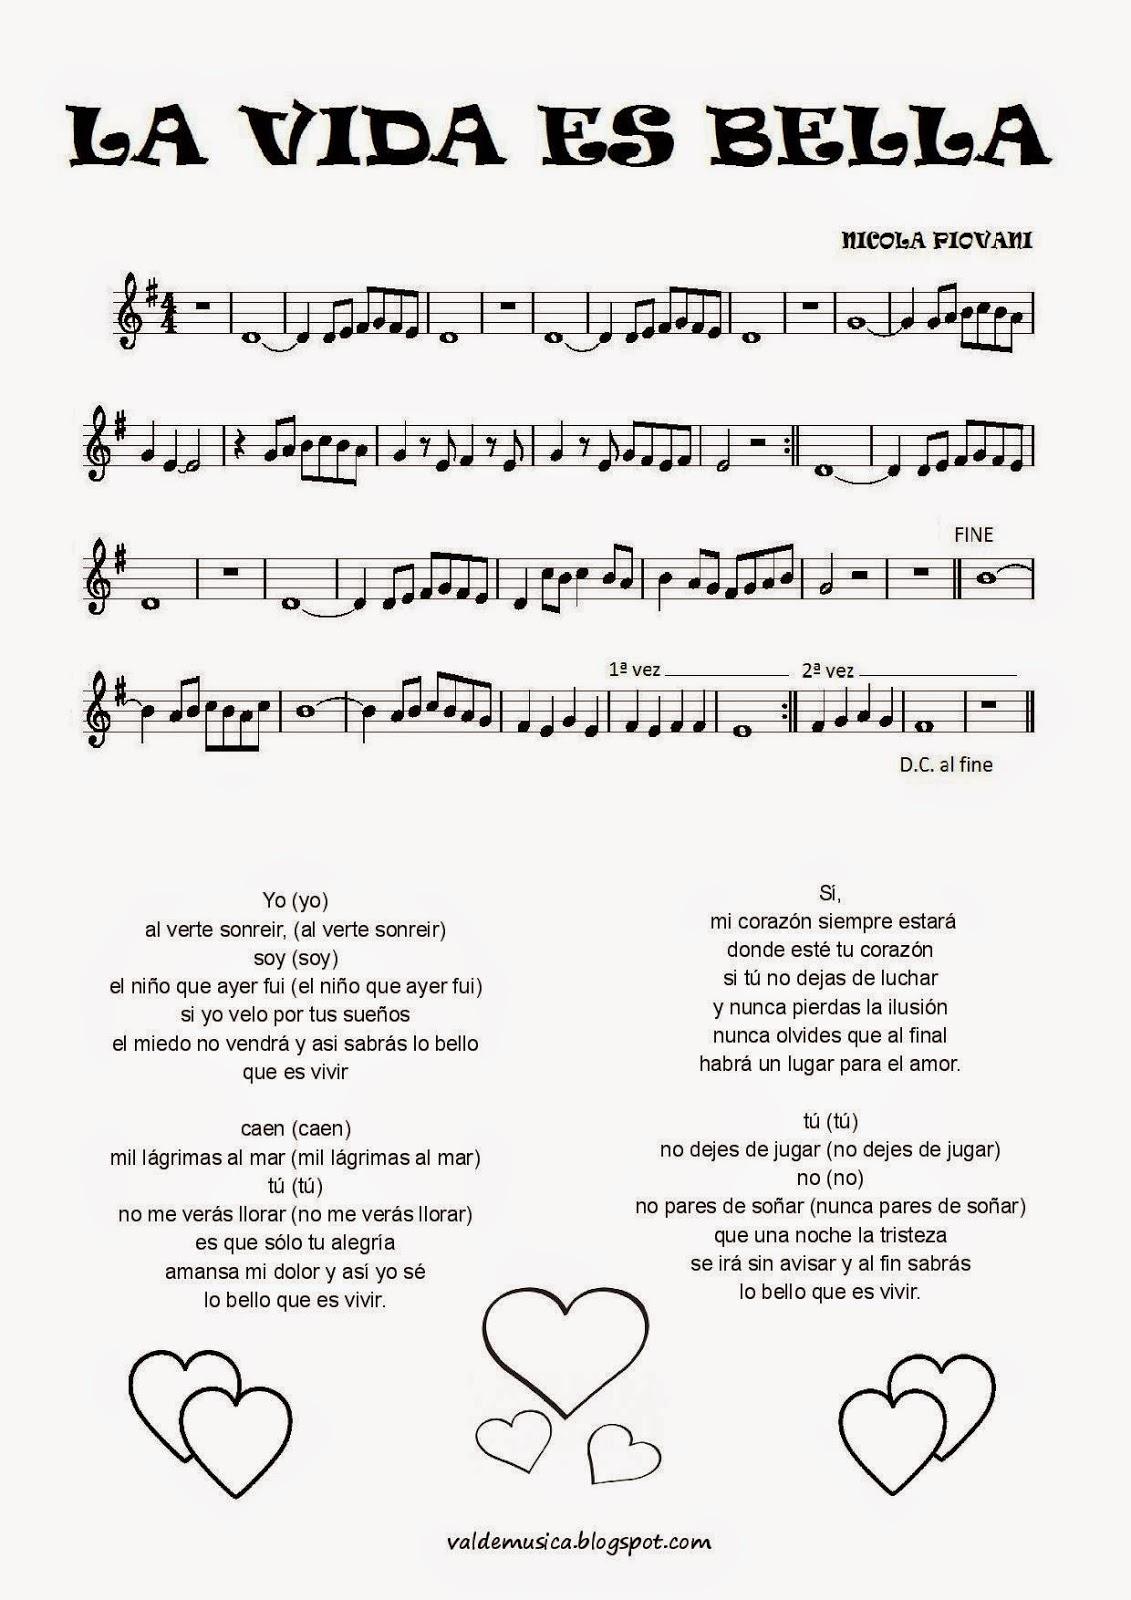 letra de canciones de bandas sonoras: